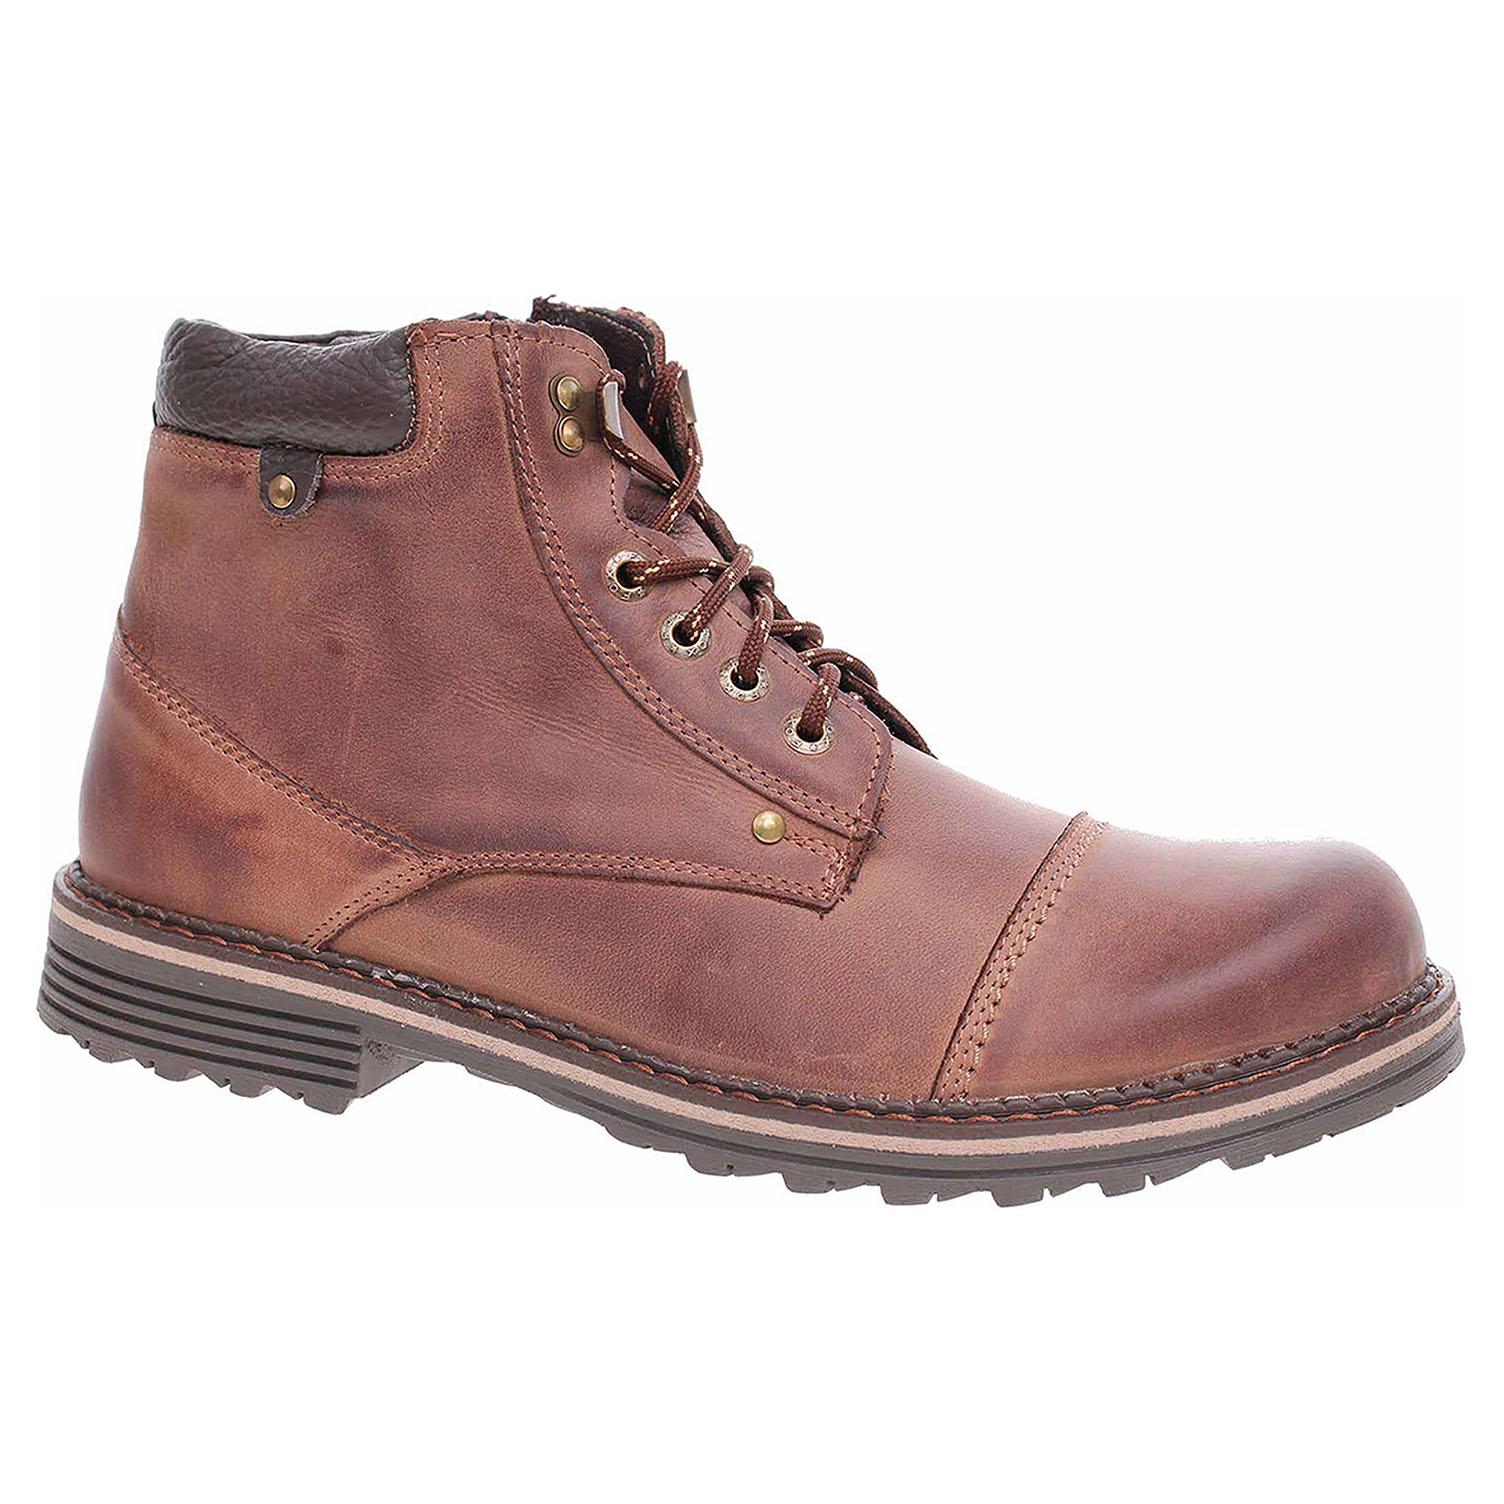 Pánská kotníková obuv F0298 hnědá crazy F0298 hnedá crazy 42